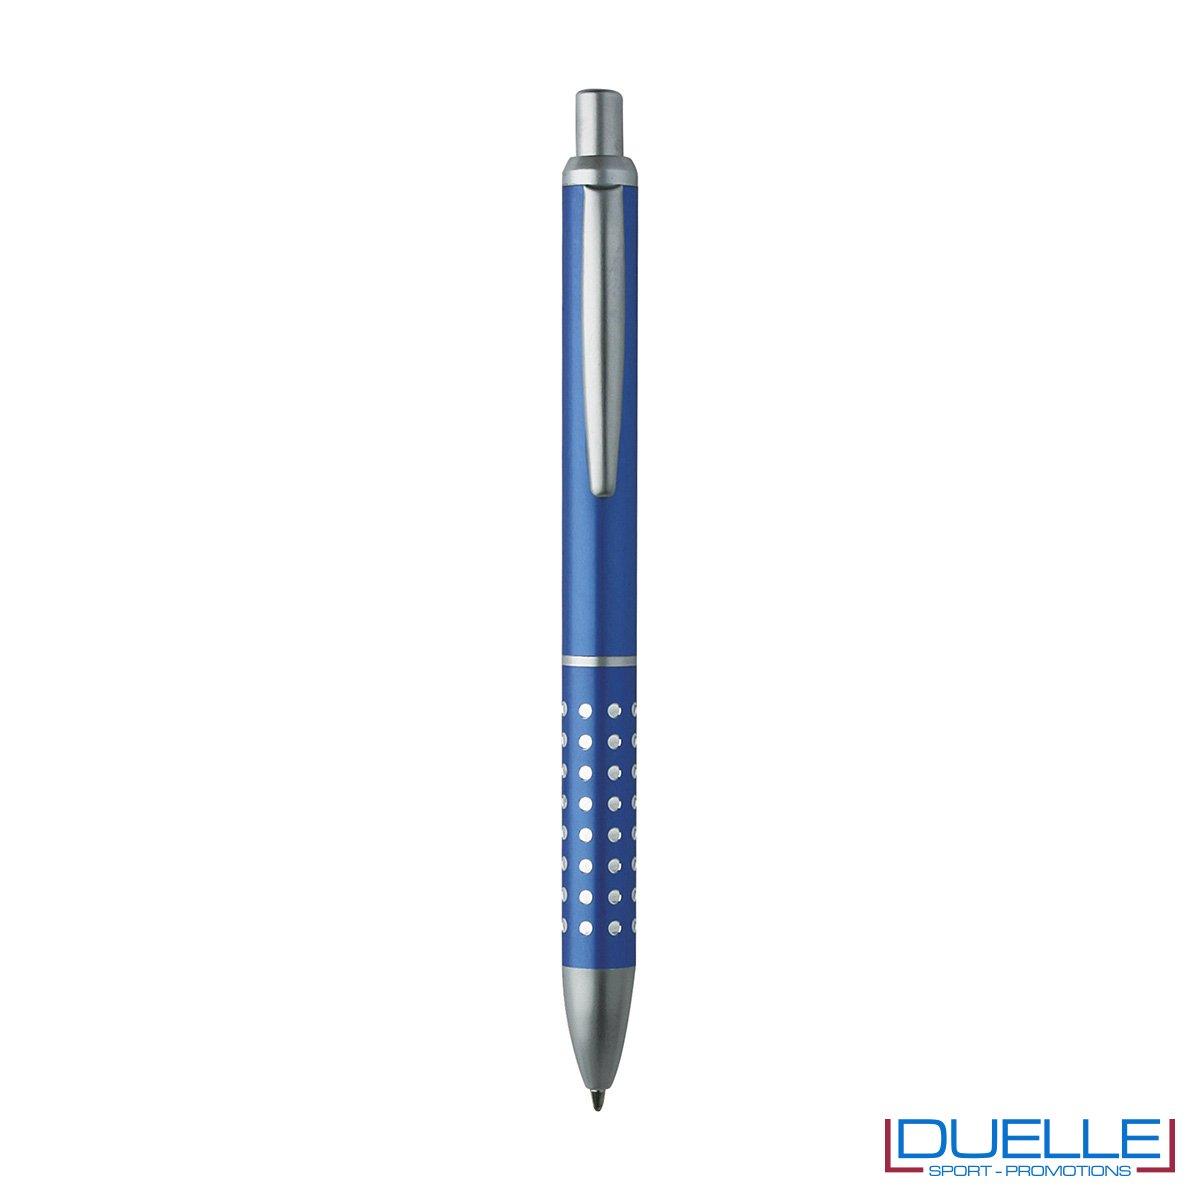 Penna a sfera con fusto in alluminio e puntale e clip in metallo, chiusura a scatto. Adatta per personalizzazione con incisione laser.